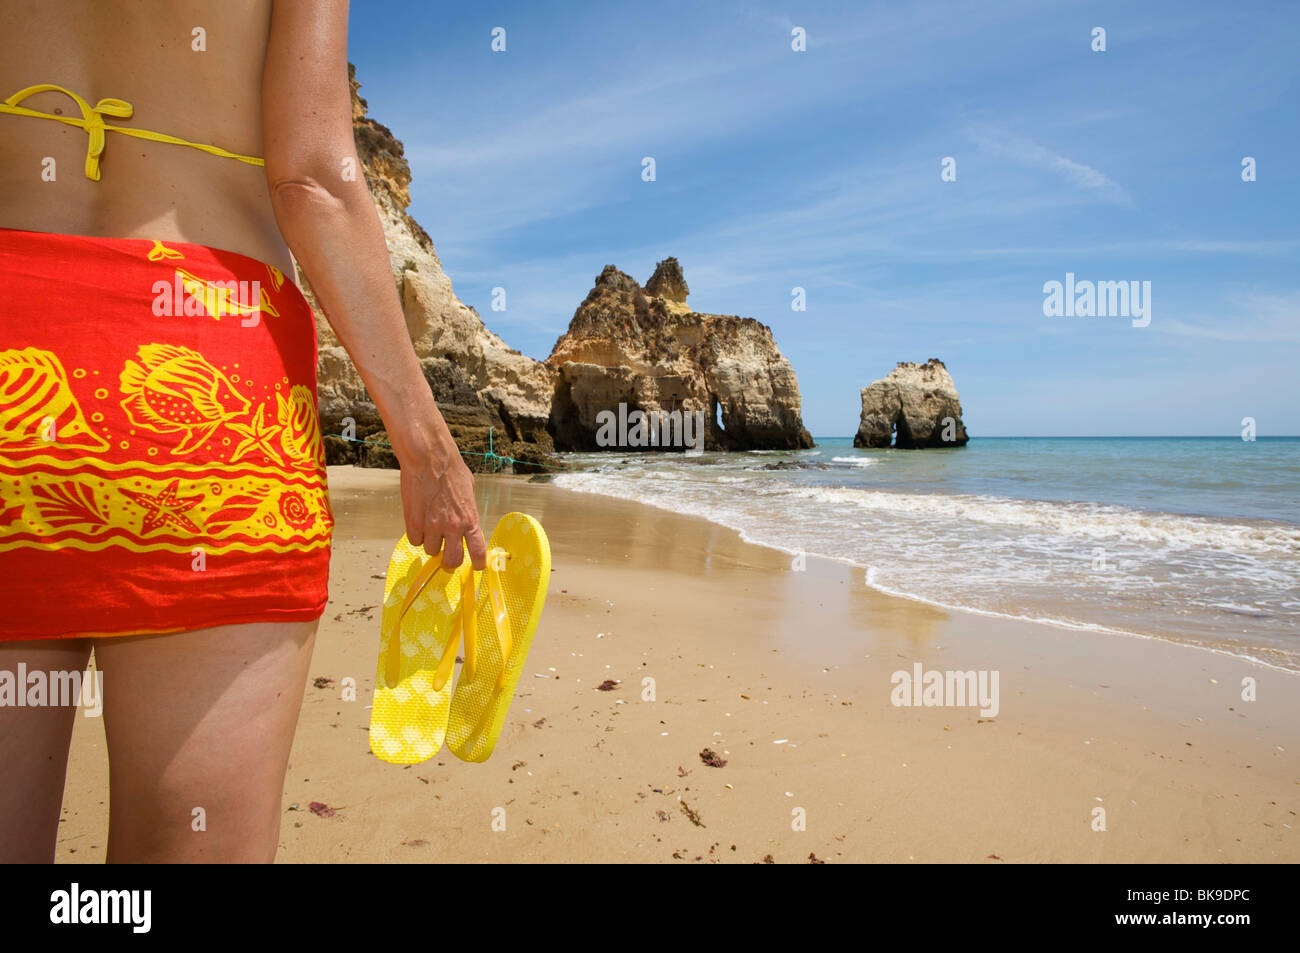 Donna sulla spiaggia con flip-flop, Praia dos Tres Irmaos vicino a Alvor, Algarve, Portogallo, Europa Immagini Stock